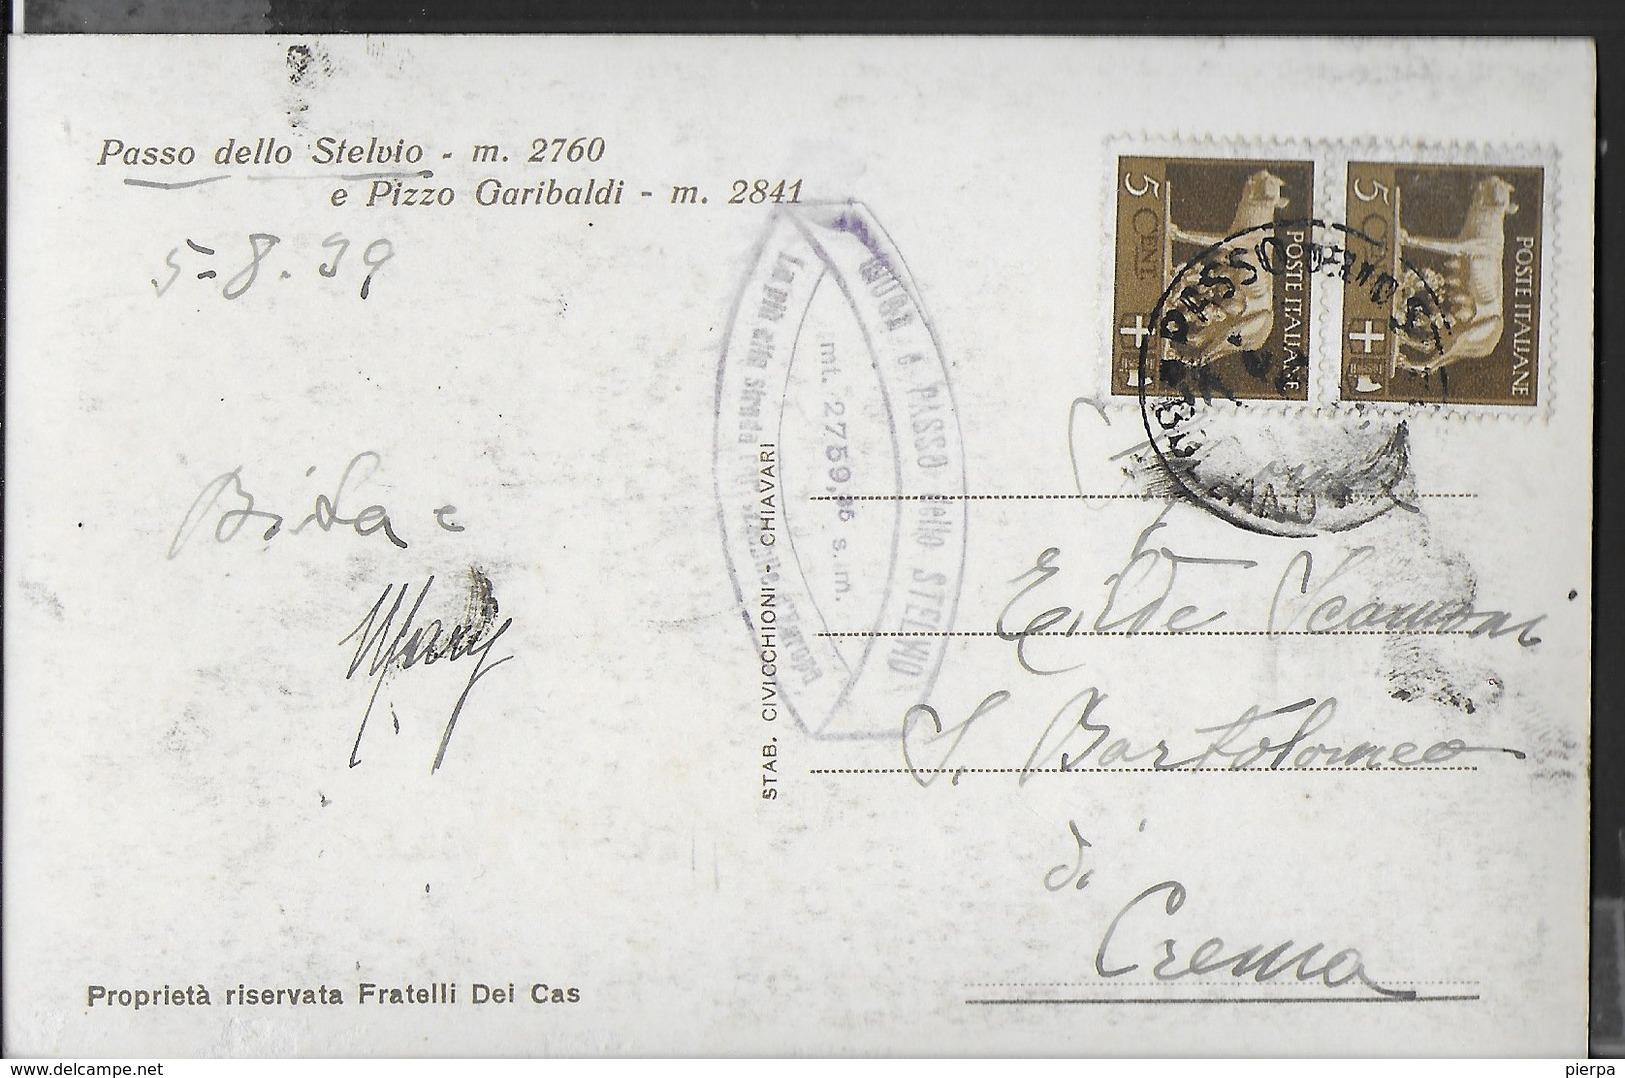 PASSO DELLO STELVIO E PIZZO GARIBALDI - FORMATO PICCOLO - EDIZ. CAVICCHINI CHIAVARI - VIAGGIATA 1939 - Alpinisme